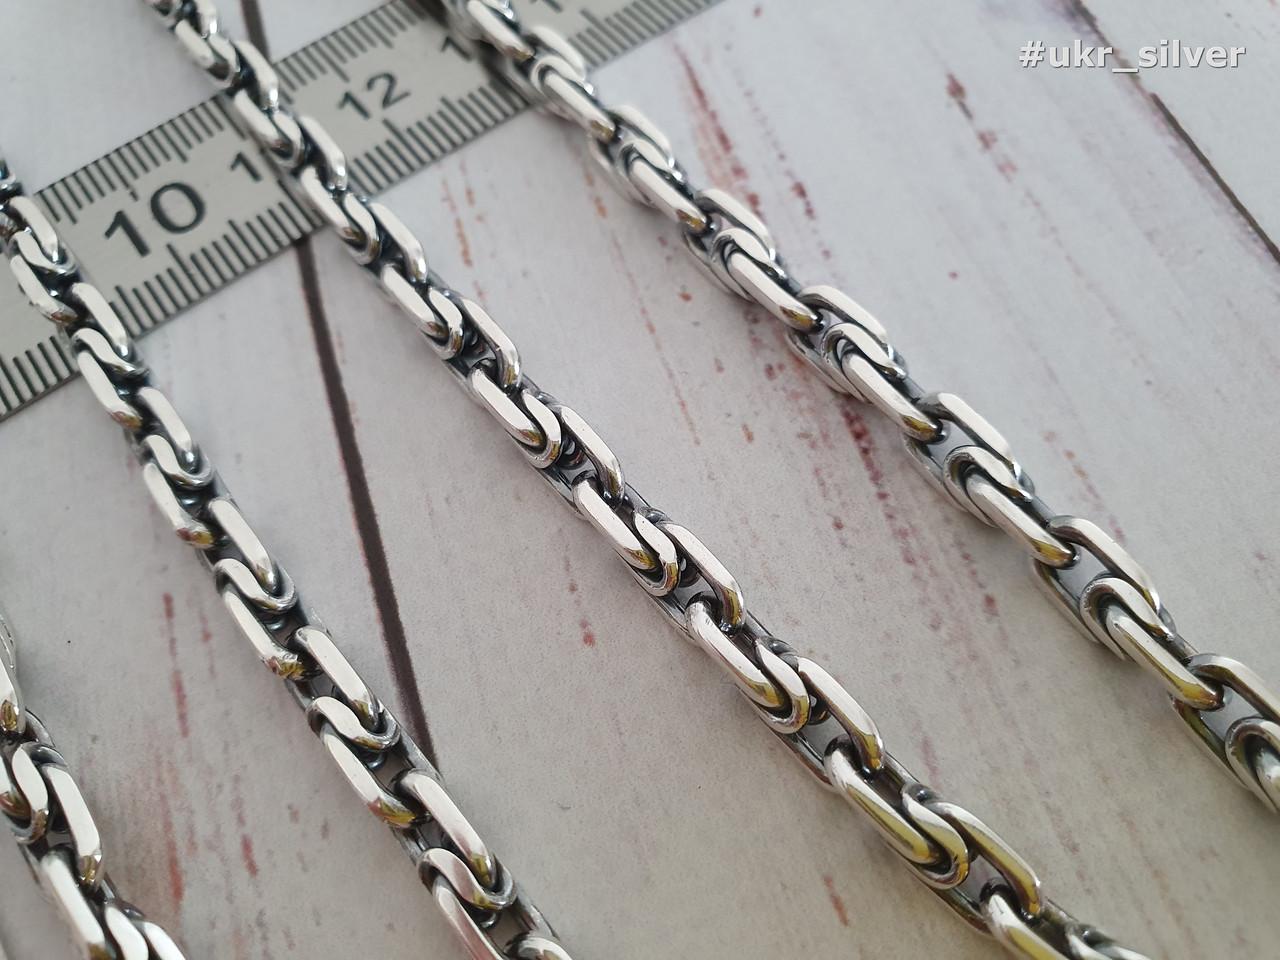 Серебряная цепь Московский Бит. 55 см. Вес 48.8 гр. 925 проба. Ручное плетение.